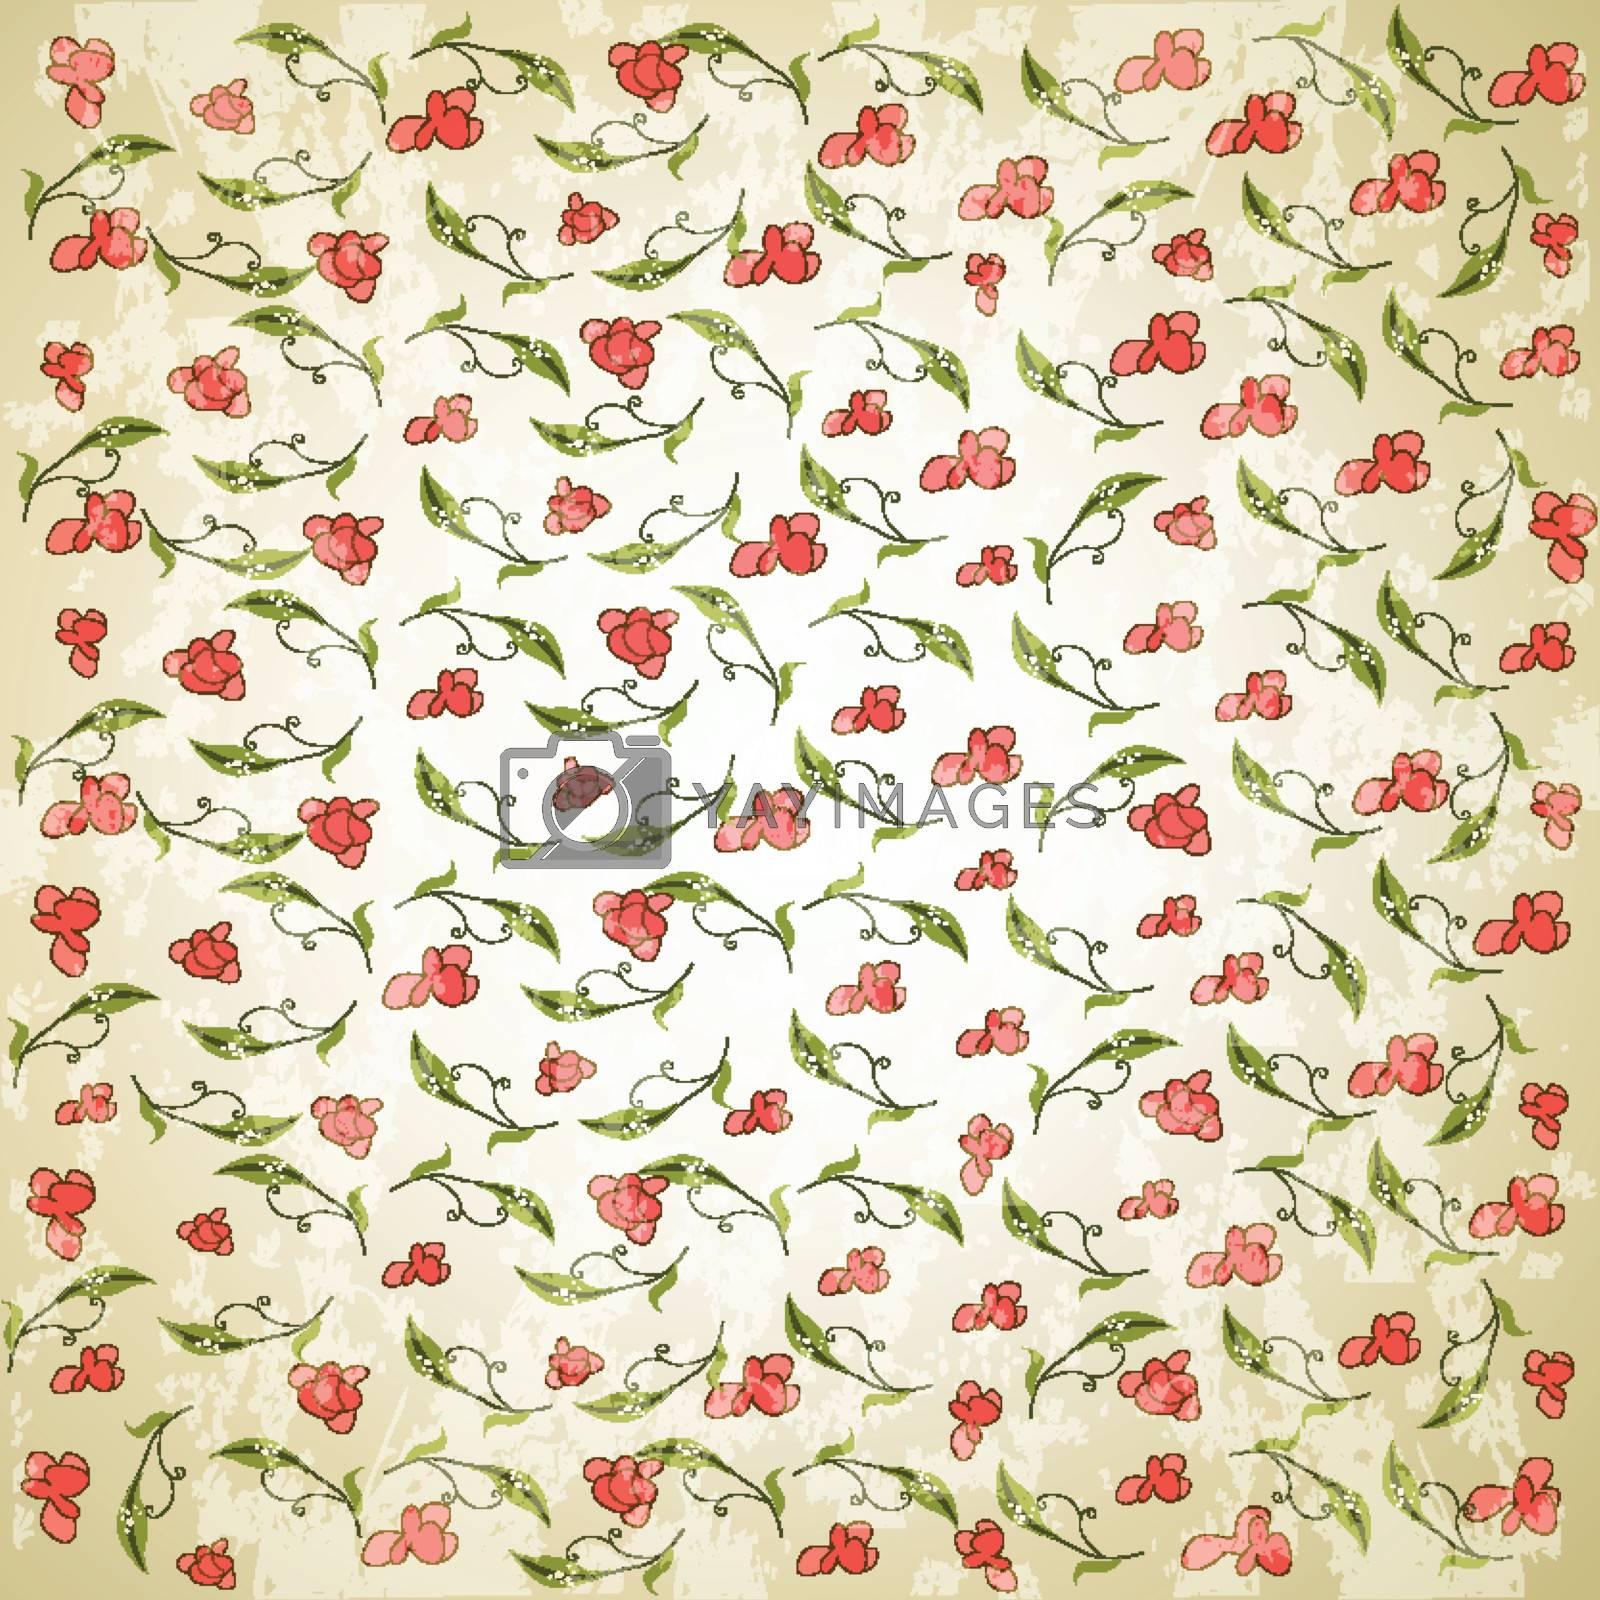 vintage vector floral background